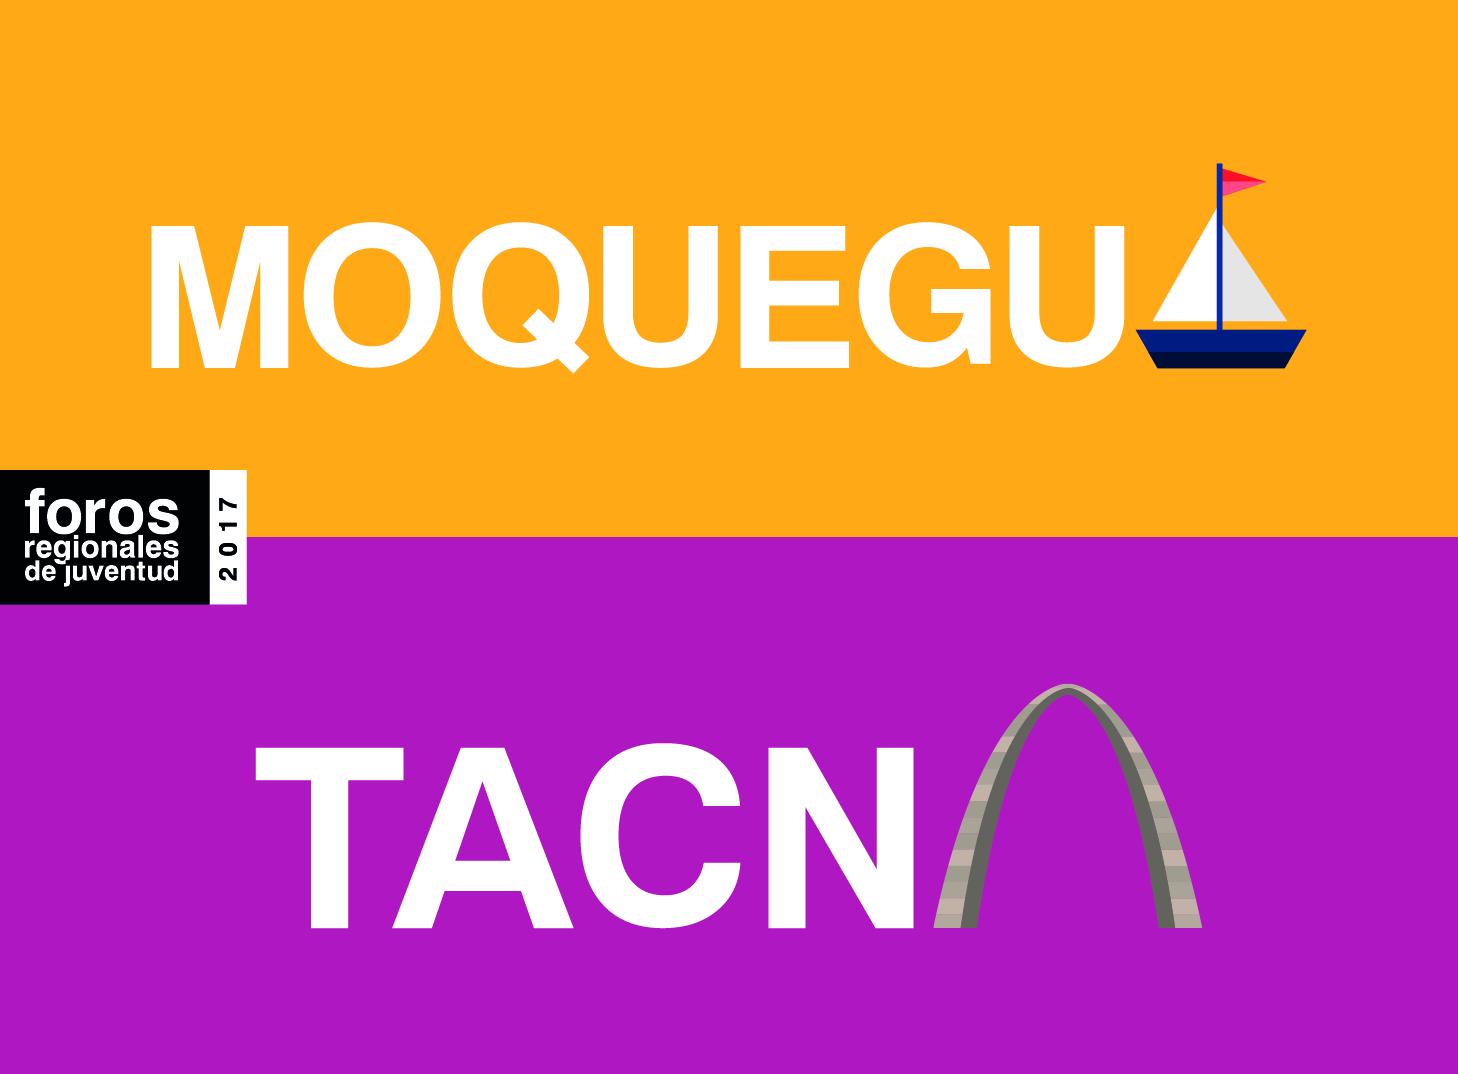 Senaju organiza foros regionales en Moquegua y Tacna